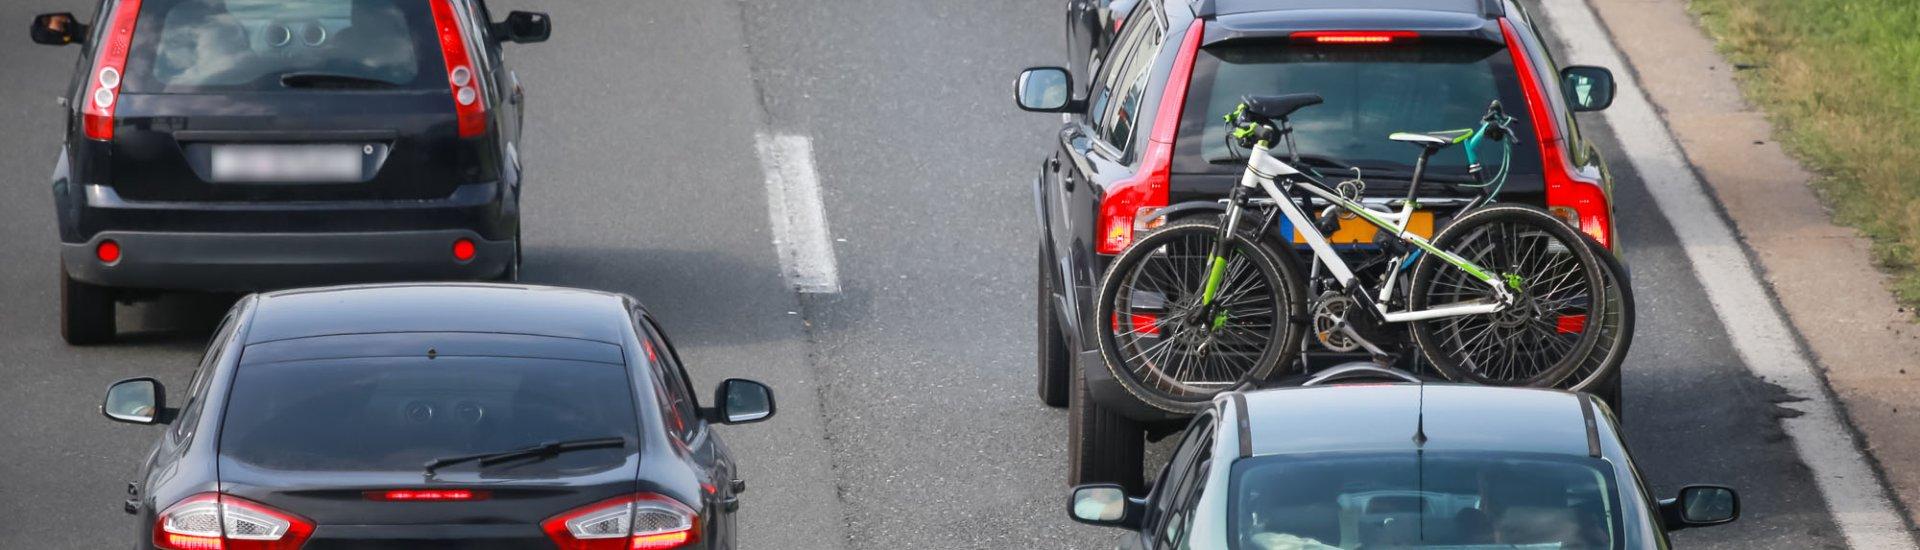 Mit dem Fahrradträger auf der Autobahn - Worauf sollte man achten?